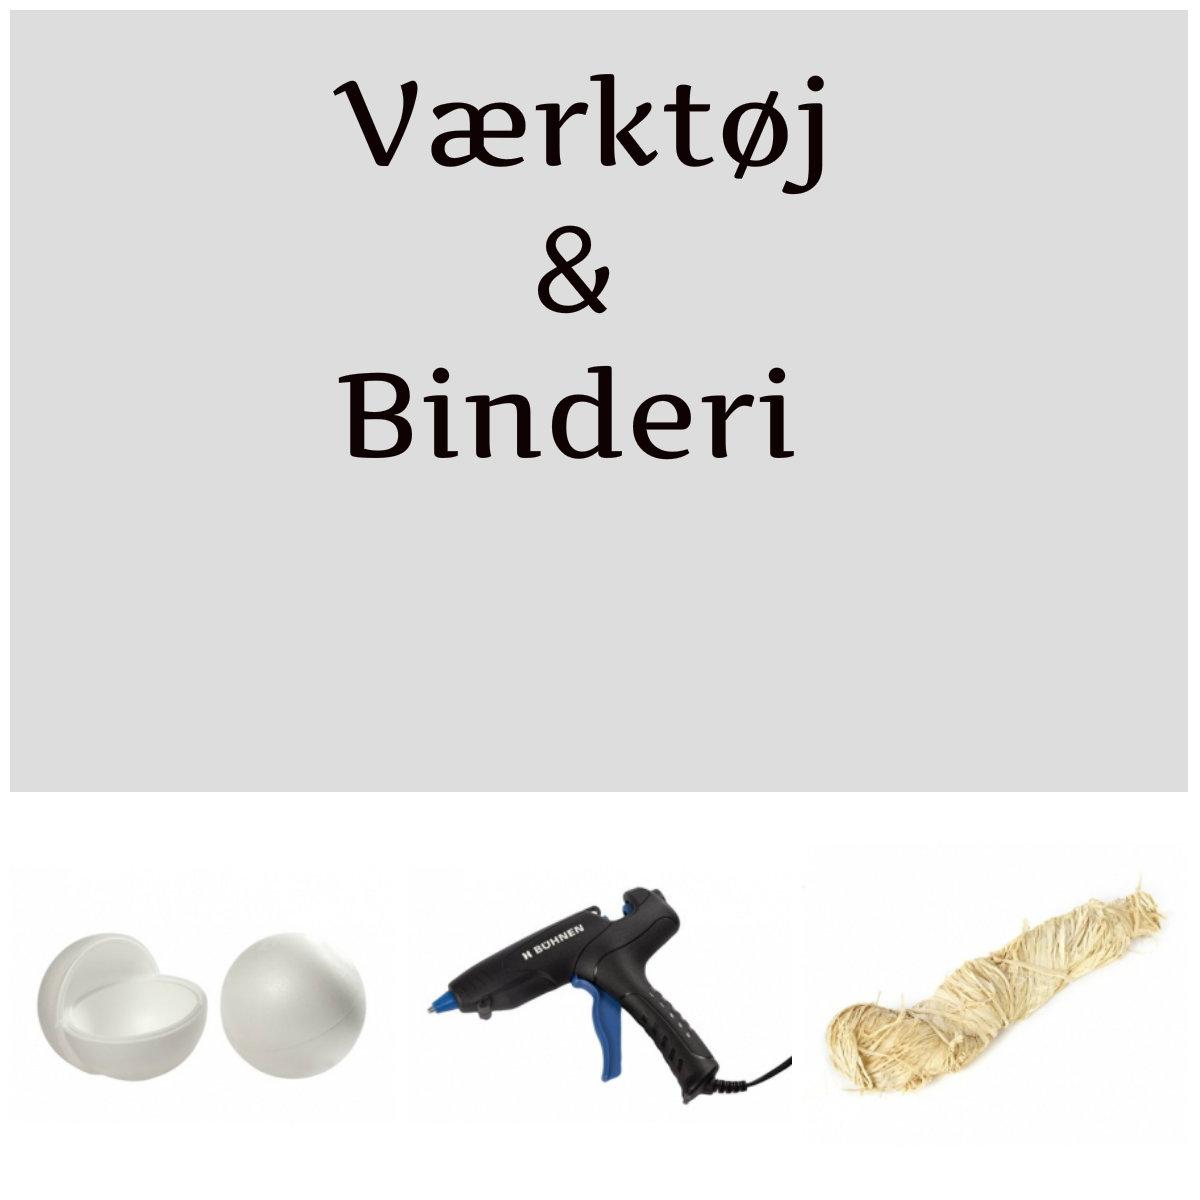 Værktøj og binderi